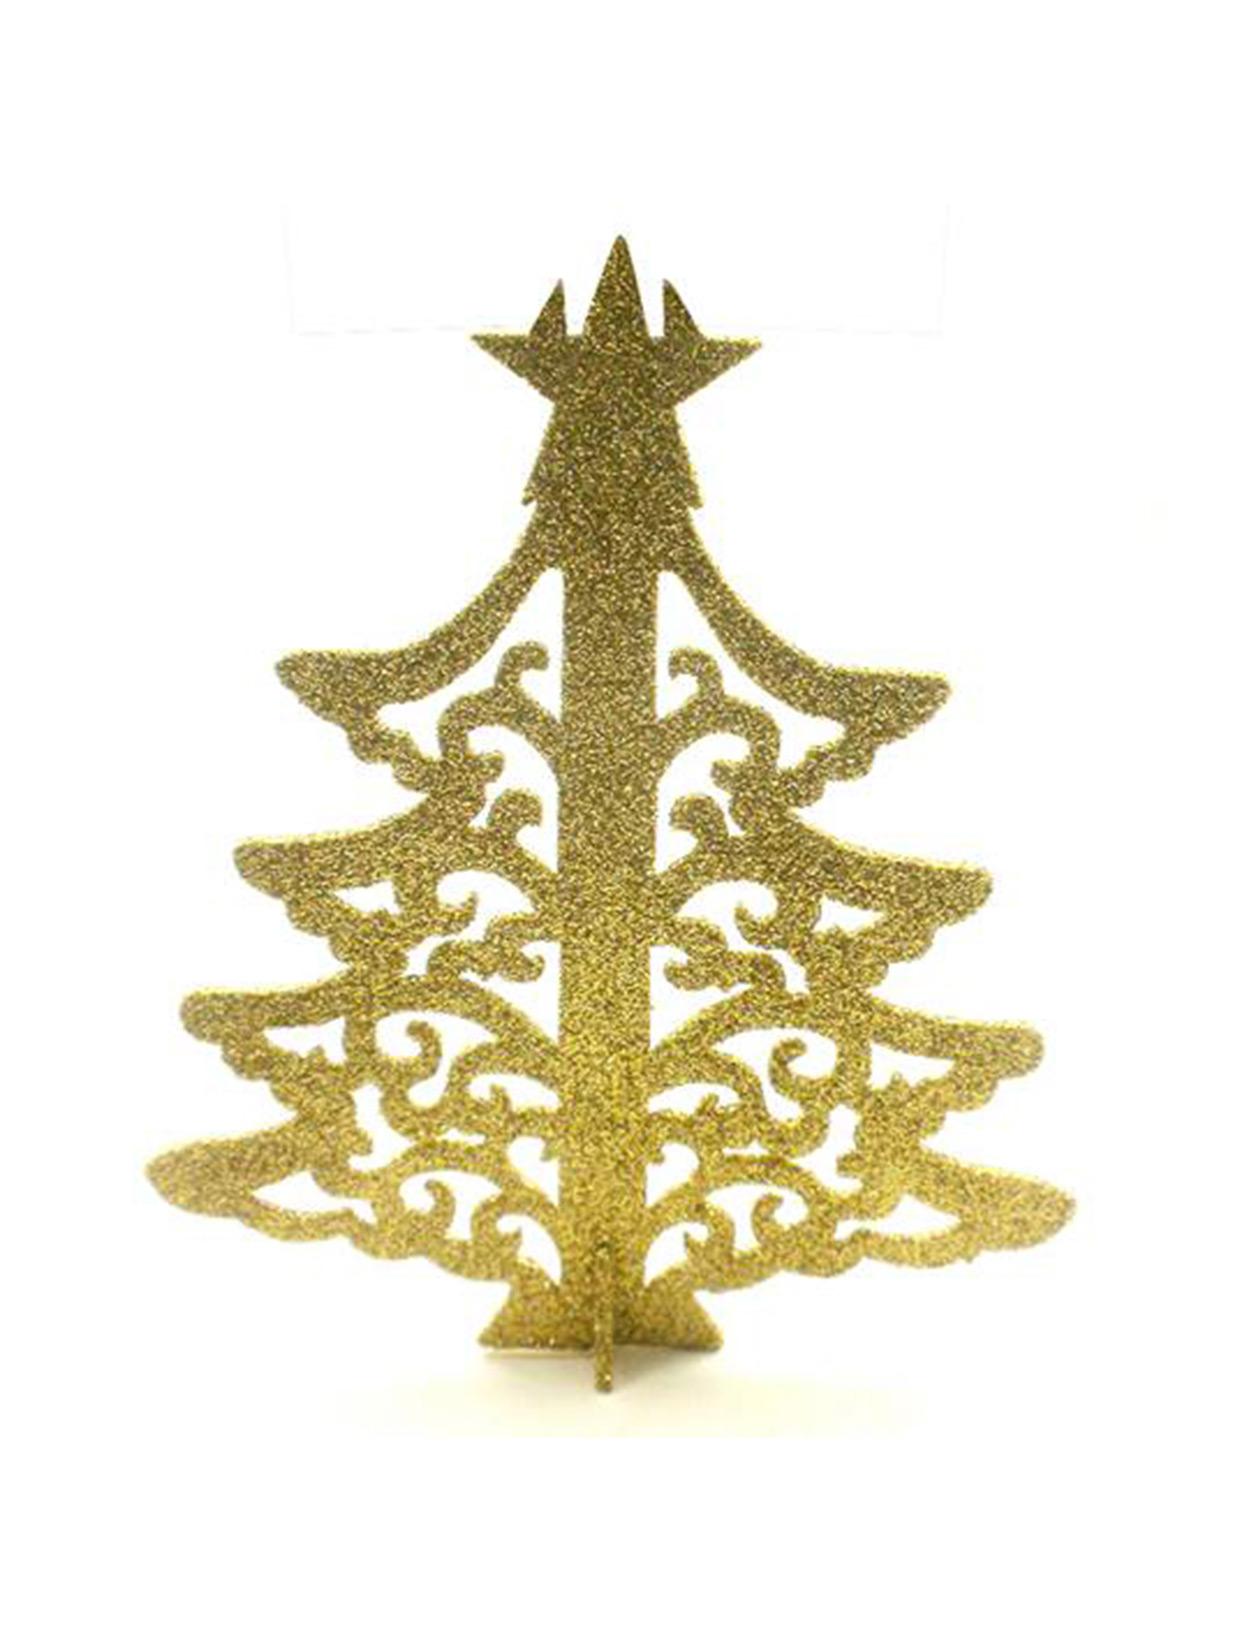 #534902 Arbre De Noël Marque Place Doré Décoration Anniversaire  6988 Deco De Noel Marque Place 1233x1643 px @ aertt.com